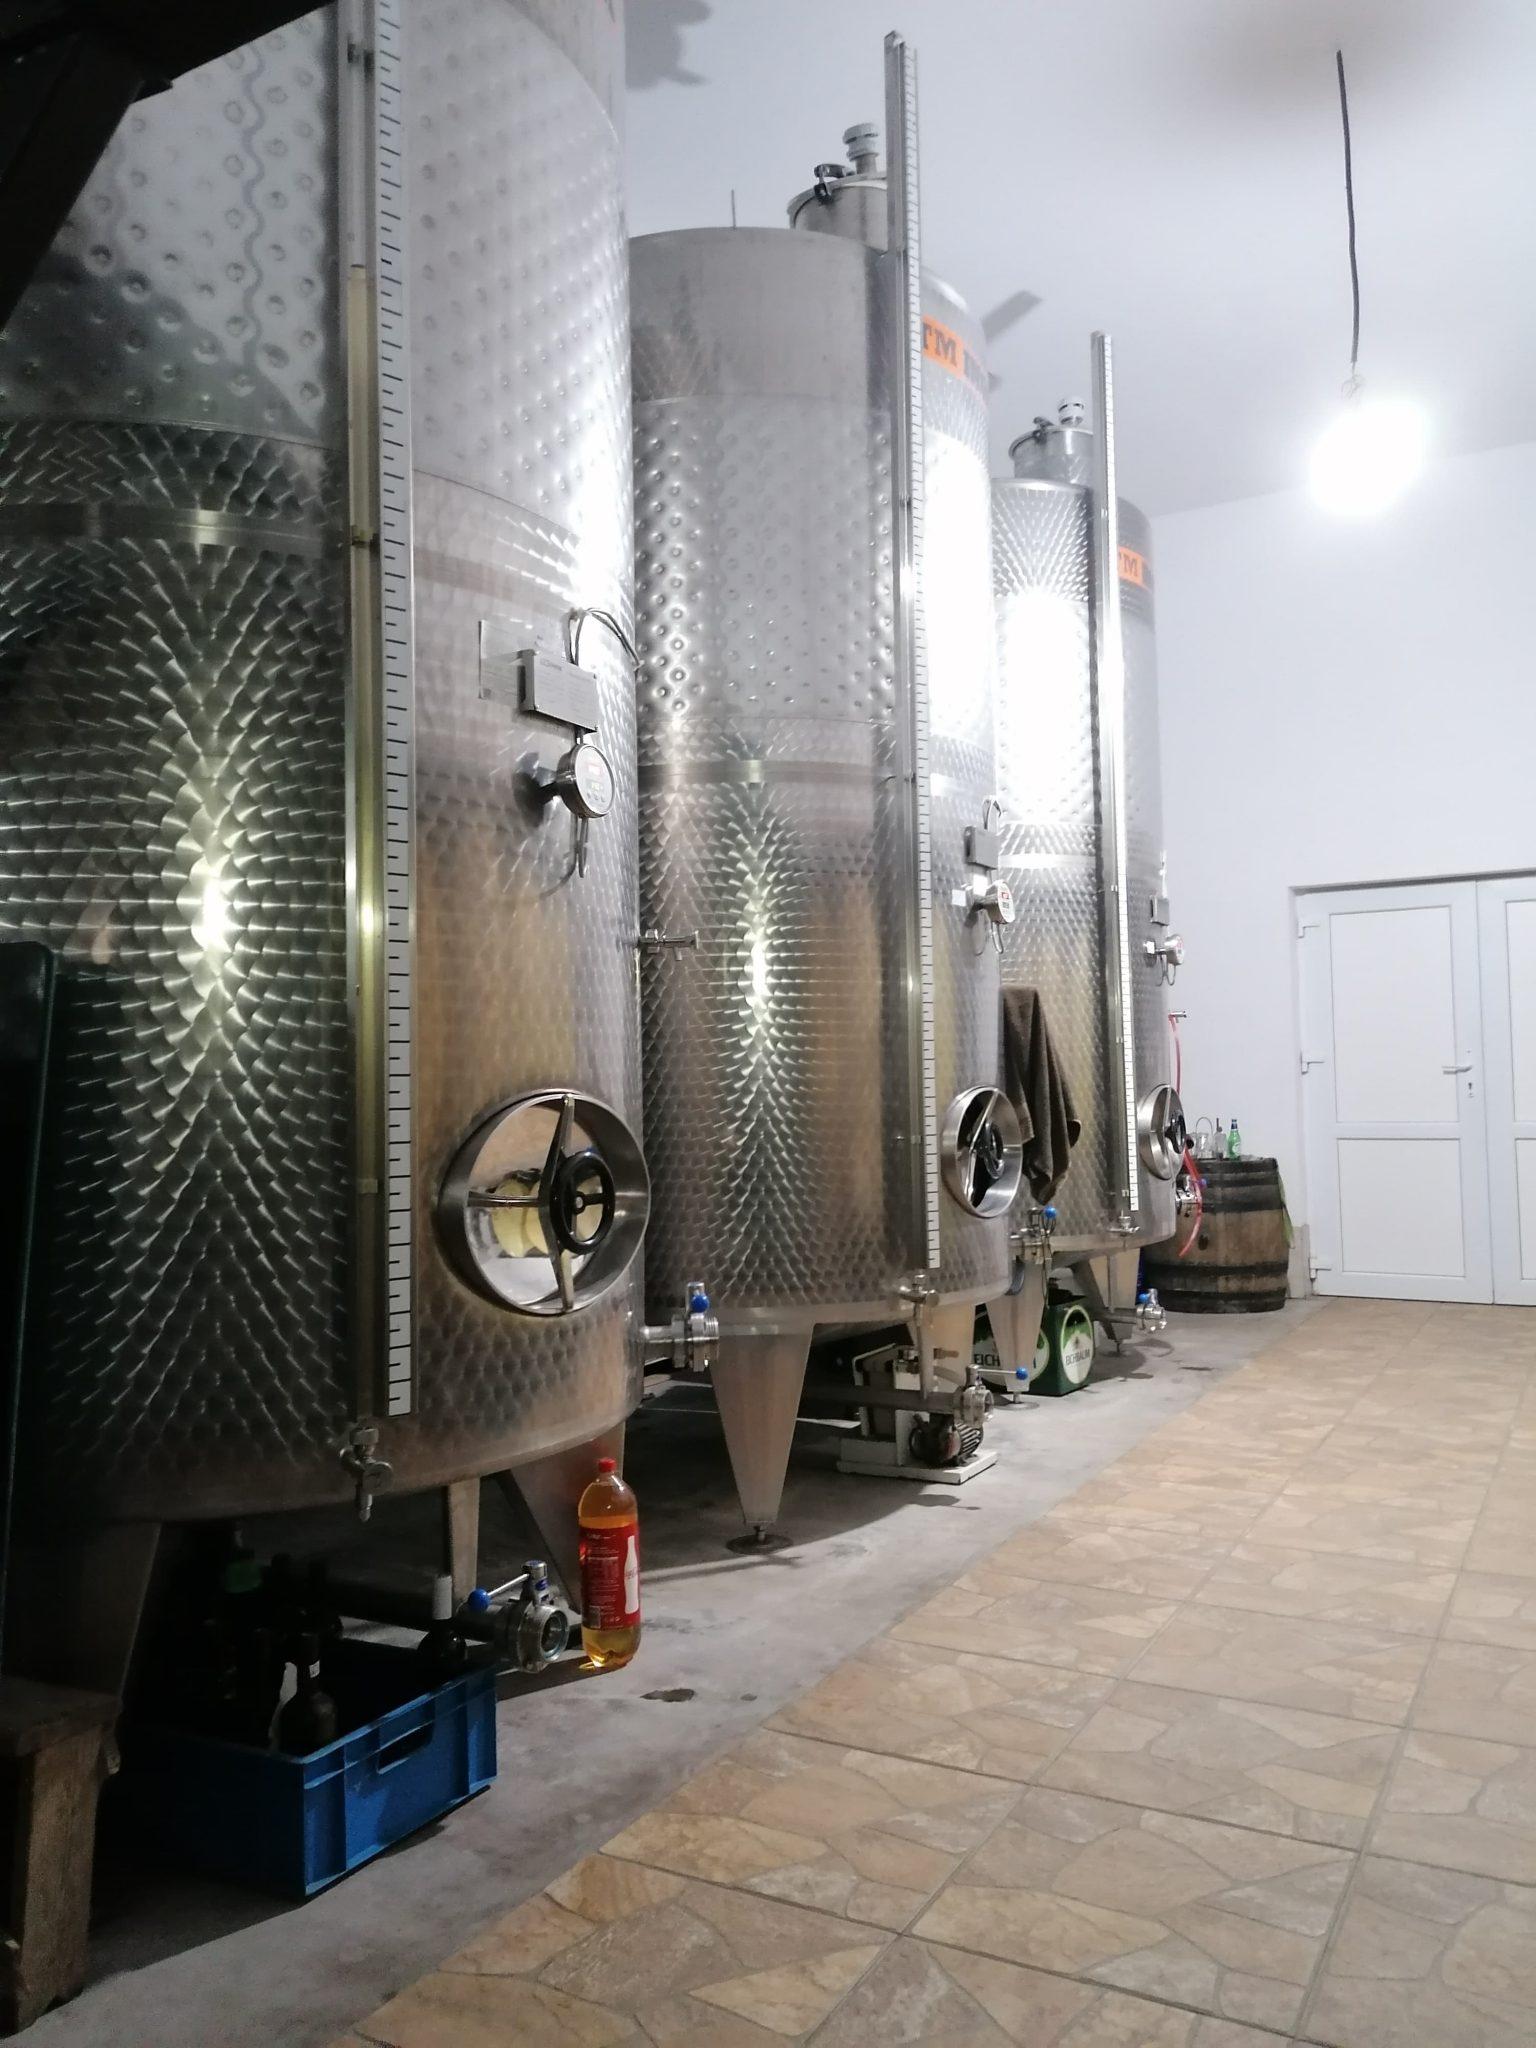 Scădere a producției de vin românesc în 2020 cu 7 % față de anul trecut și cu 12% față de media ultimilor 5 ani; producția la nivel mondial estimată anul acesta la 258 de milioane de hectolitri